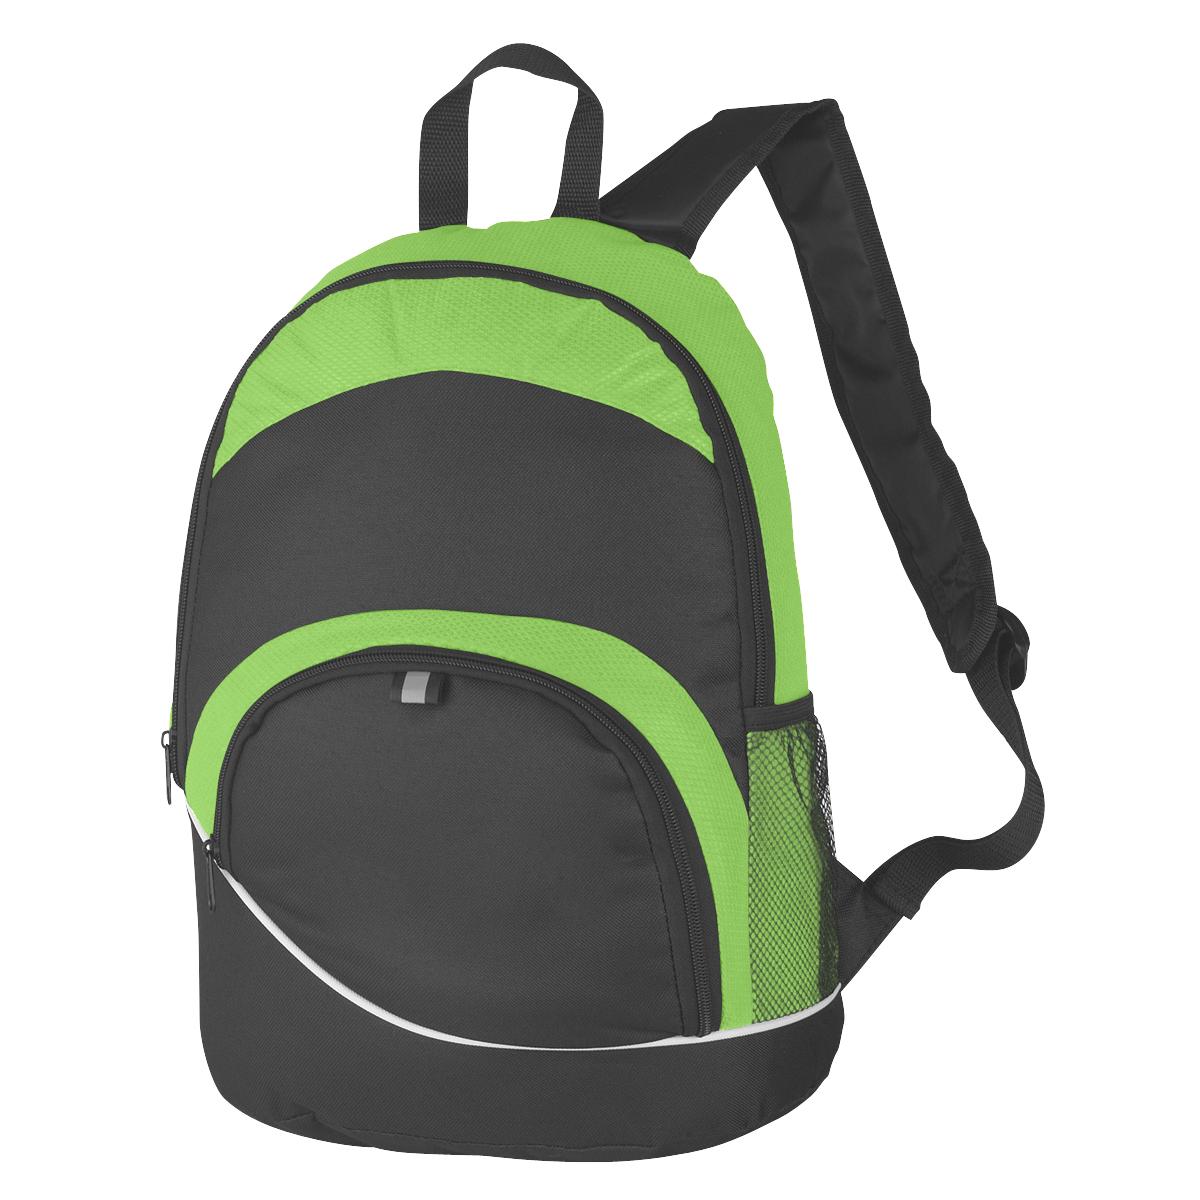 3021 - Backpack